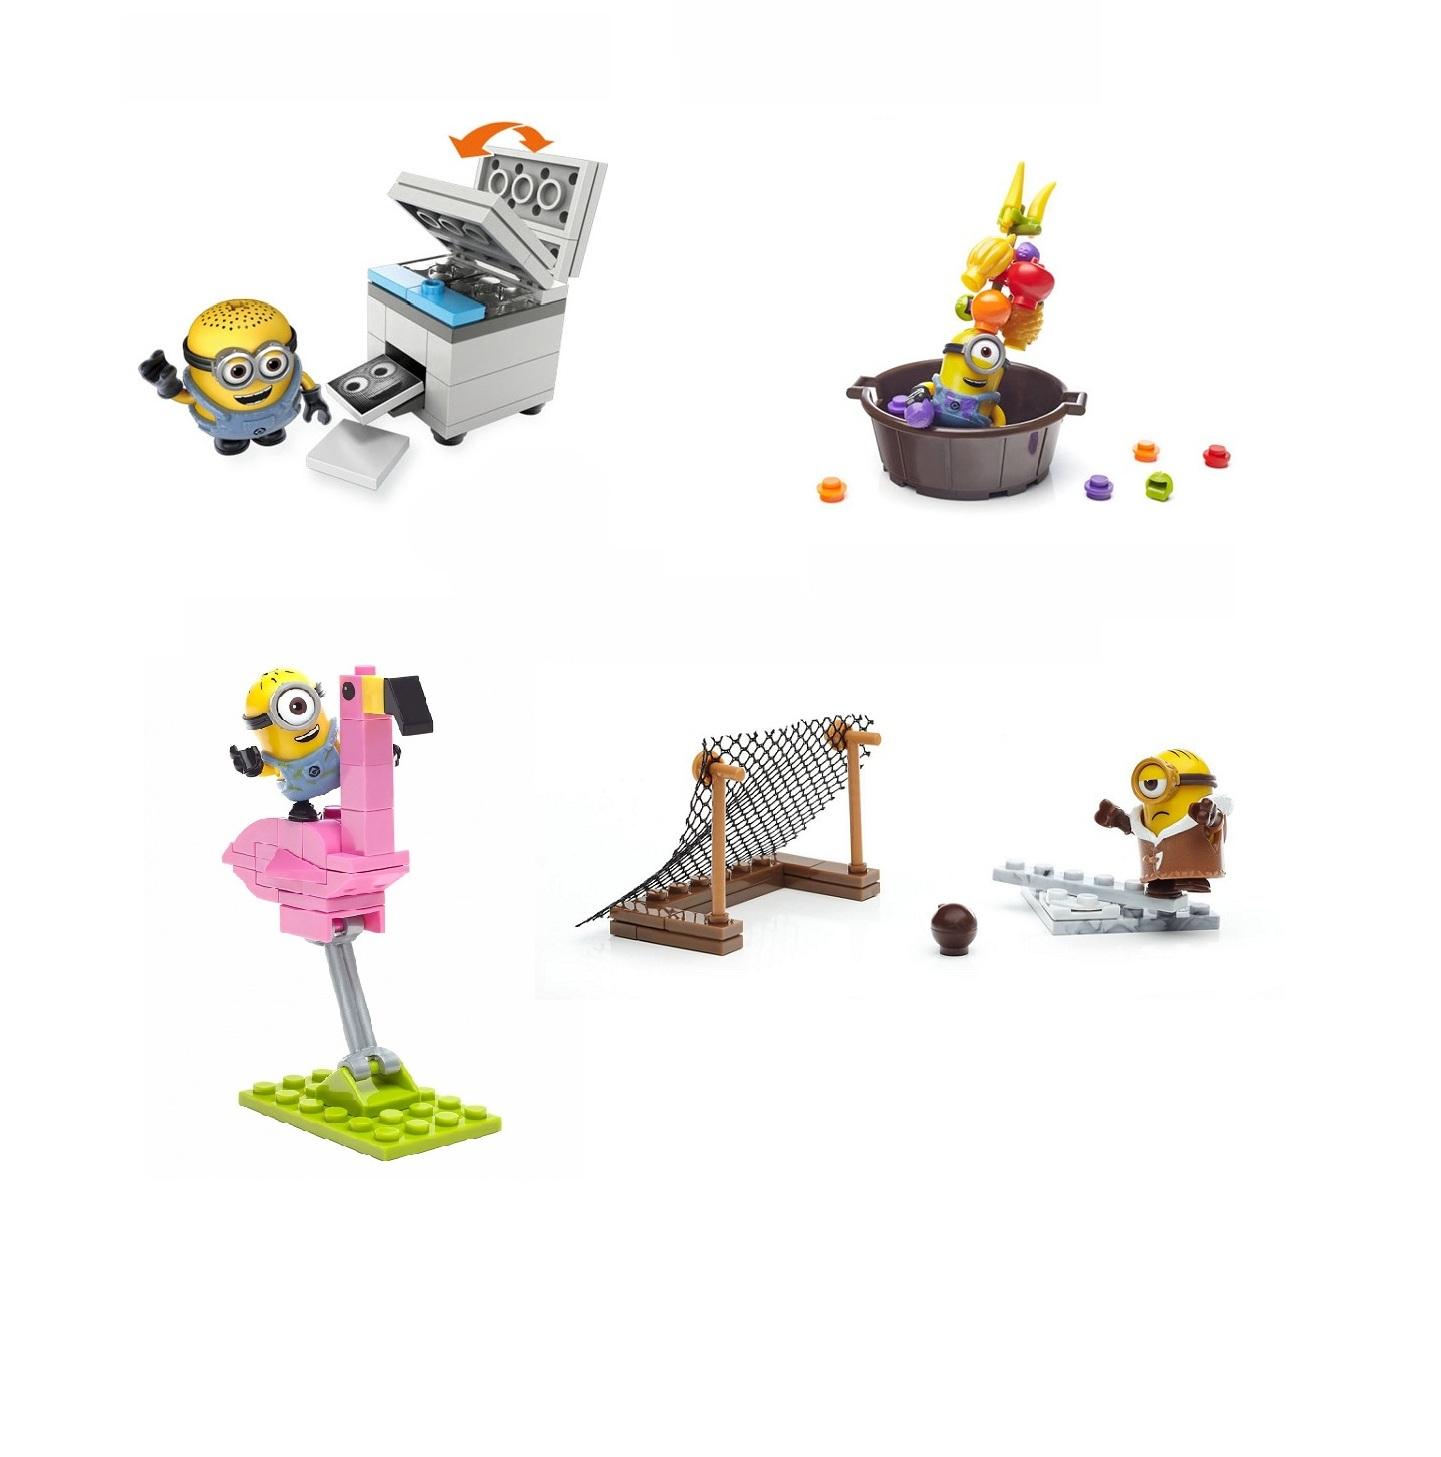 Весёлые игровые мини-наборы из серии Миньоны, 4 вида - Миньоны, артикул: 168089